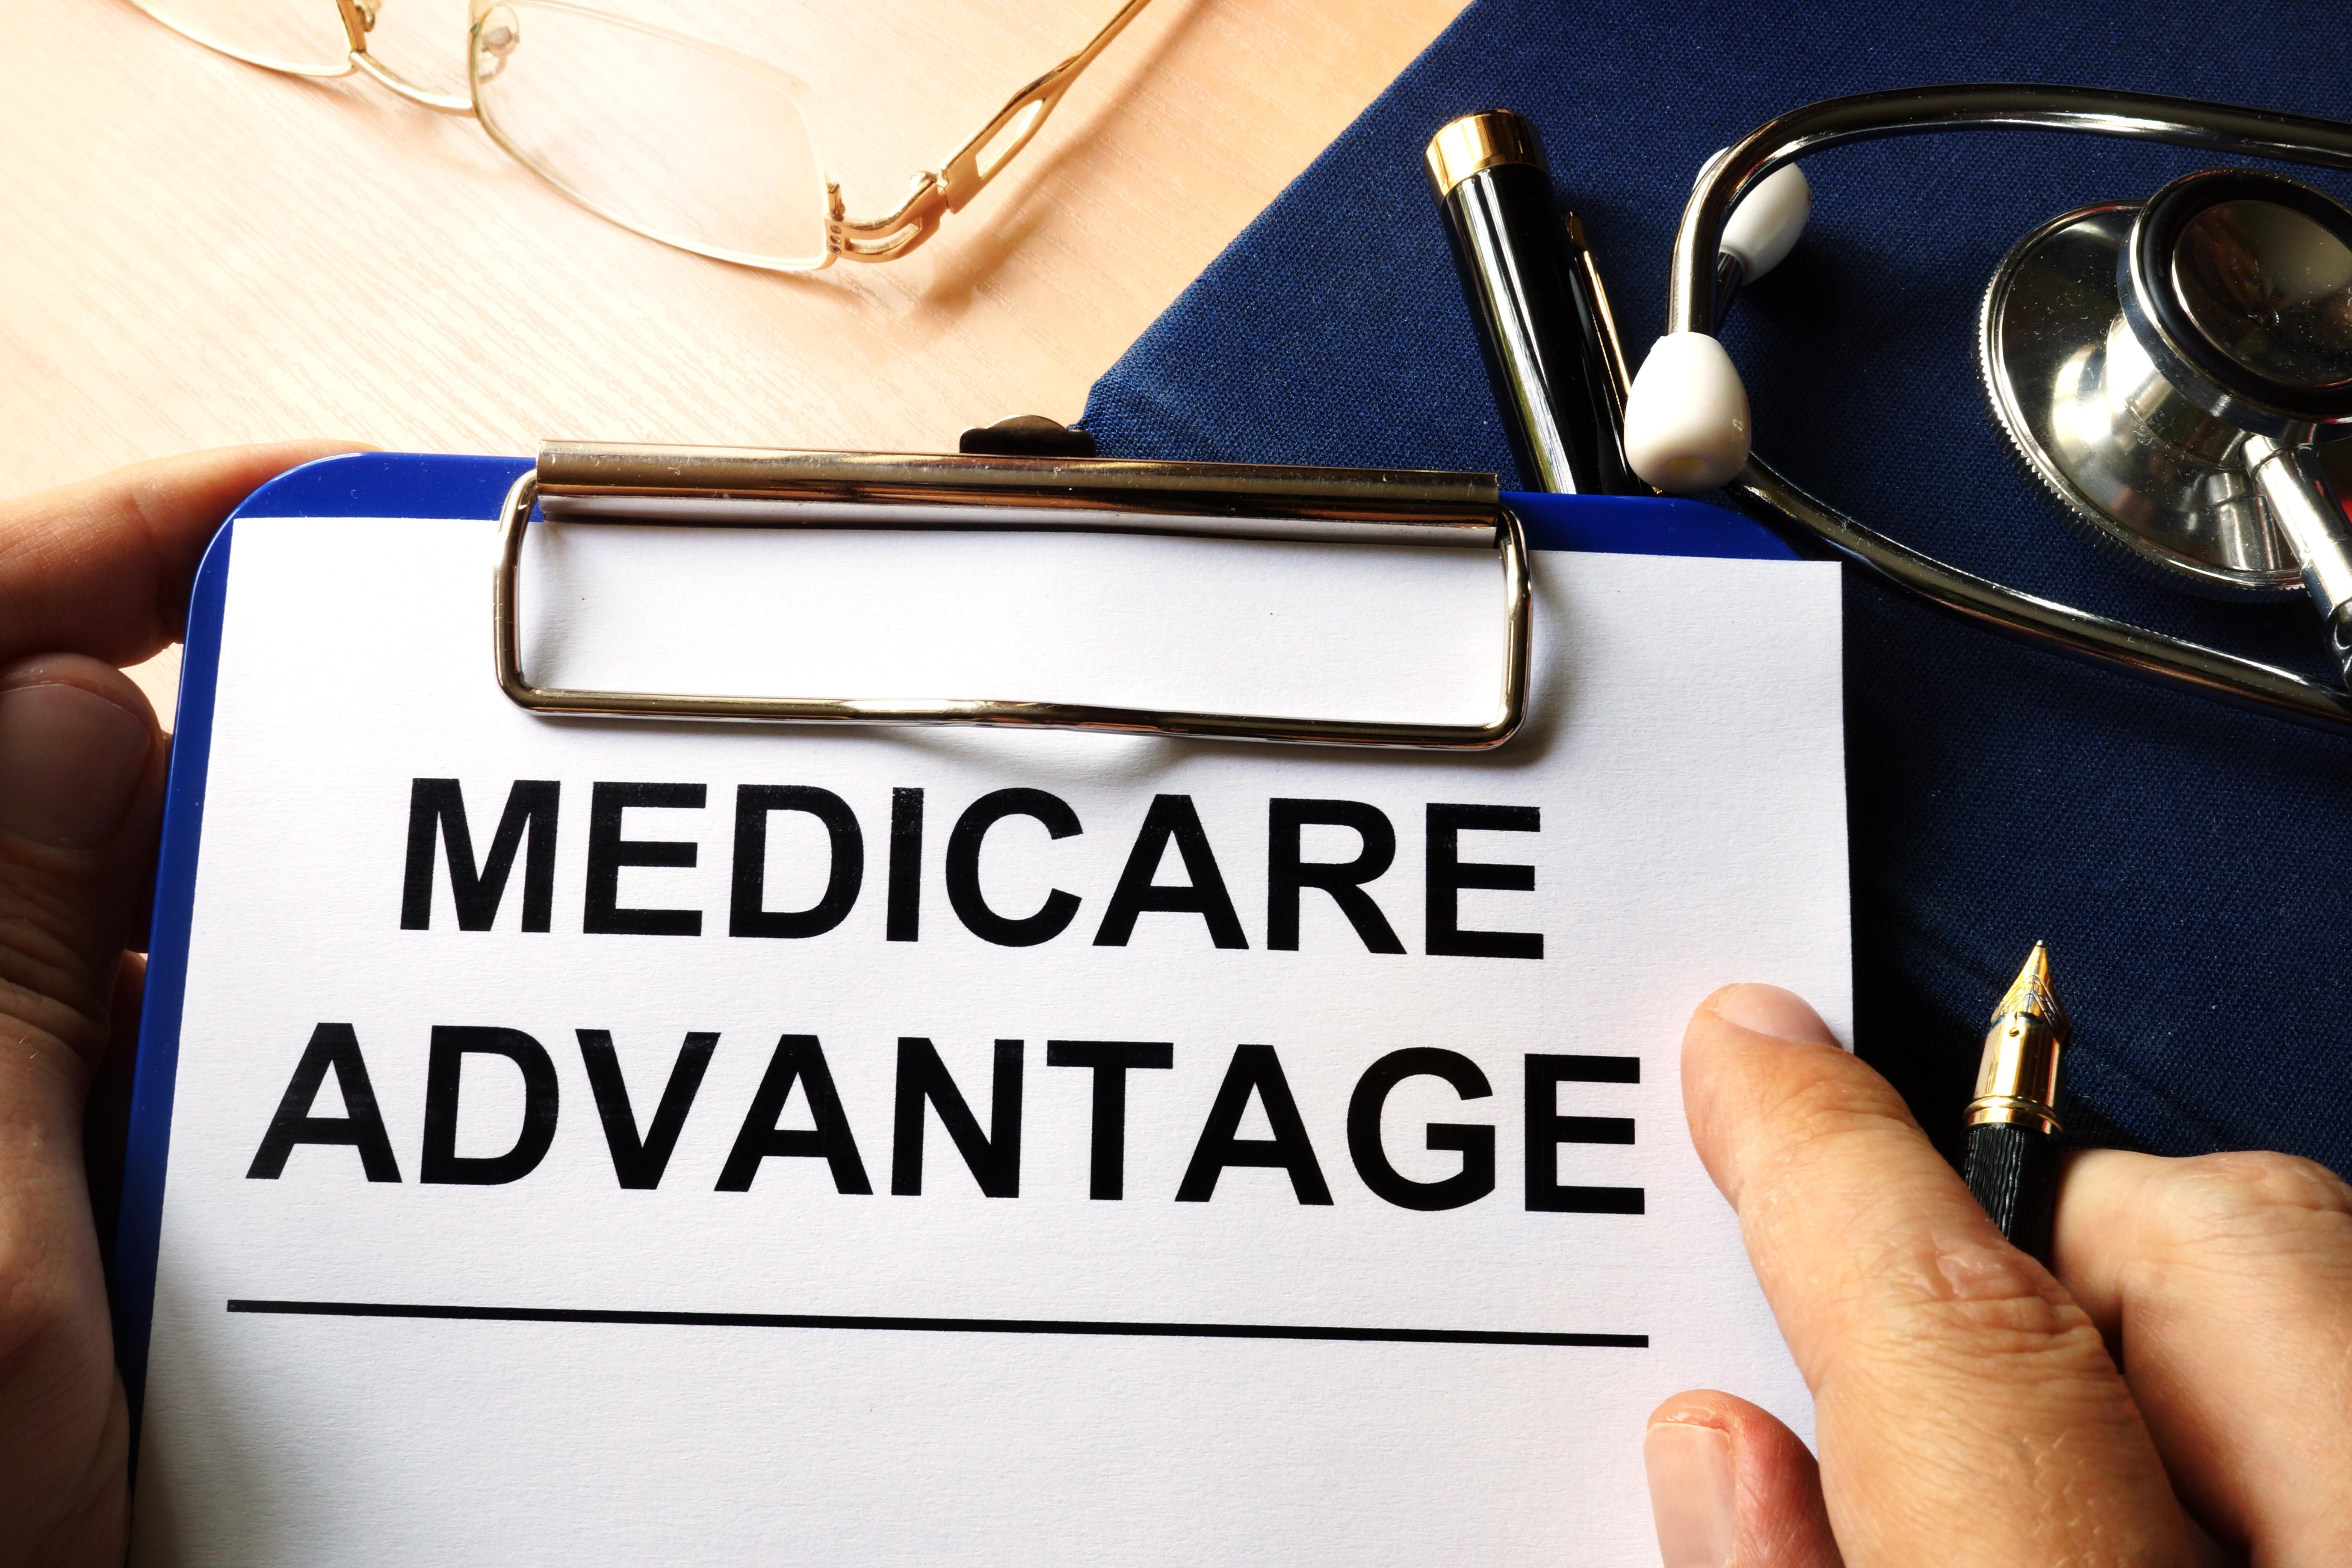 CMS: 2020 Medicare Advantage rates lowest since 2007 as ...